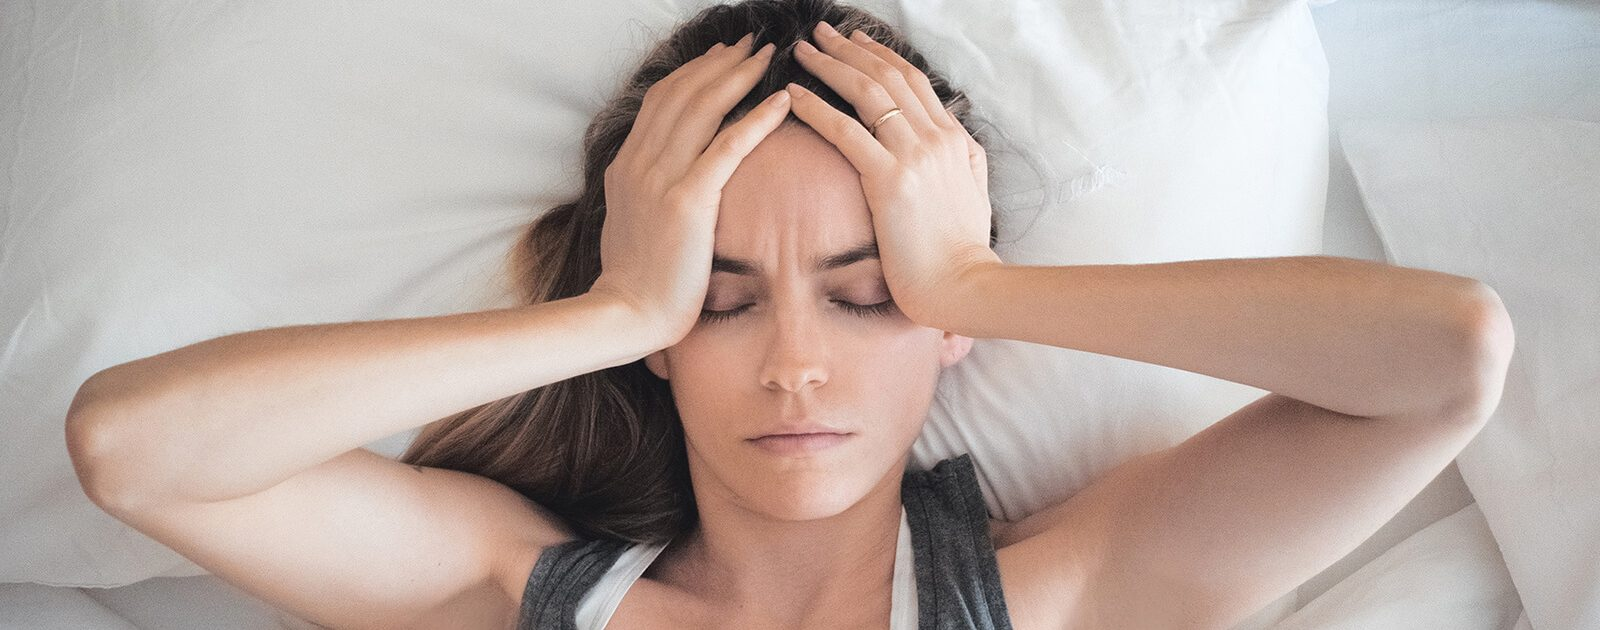 Frau liegt mit Augenmigräne im Bett.